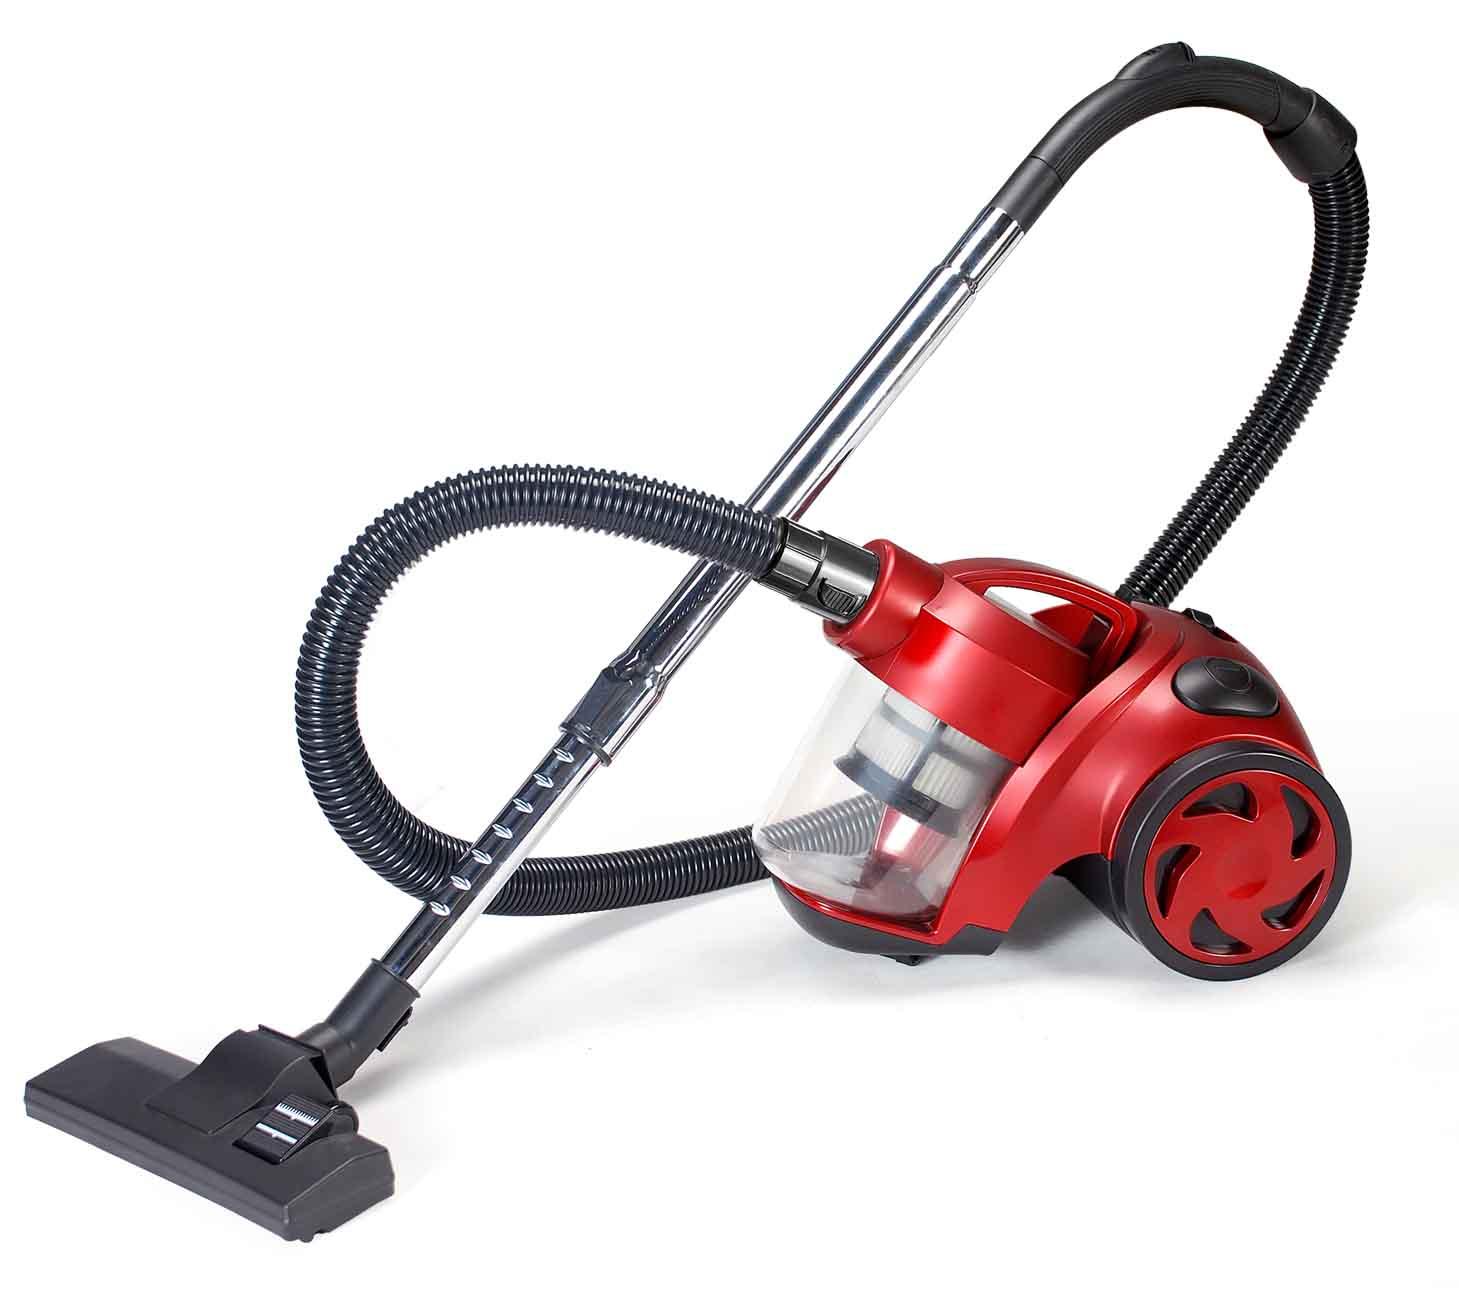 Daftar Harga Vaccum Cleaner Baru Bekas Terbaru Bulan Maret 2012 Sharp Wet And Dry Vacuum Ec Cw60